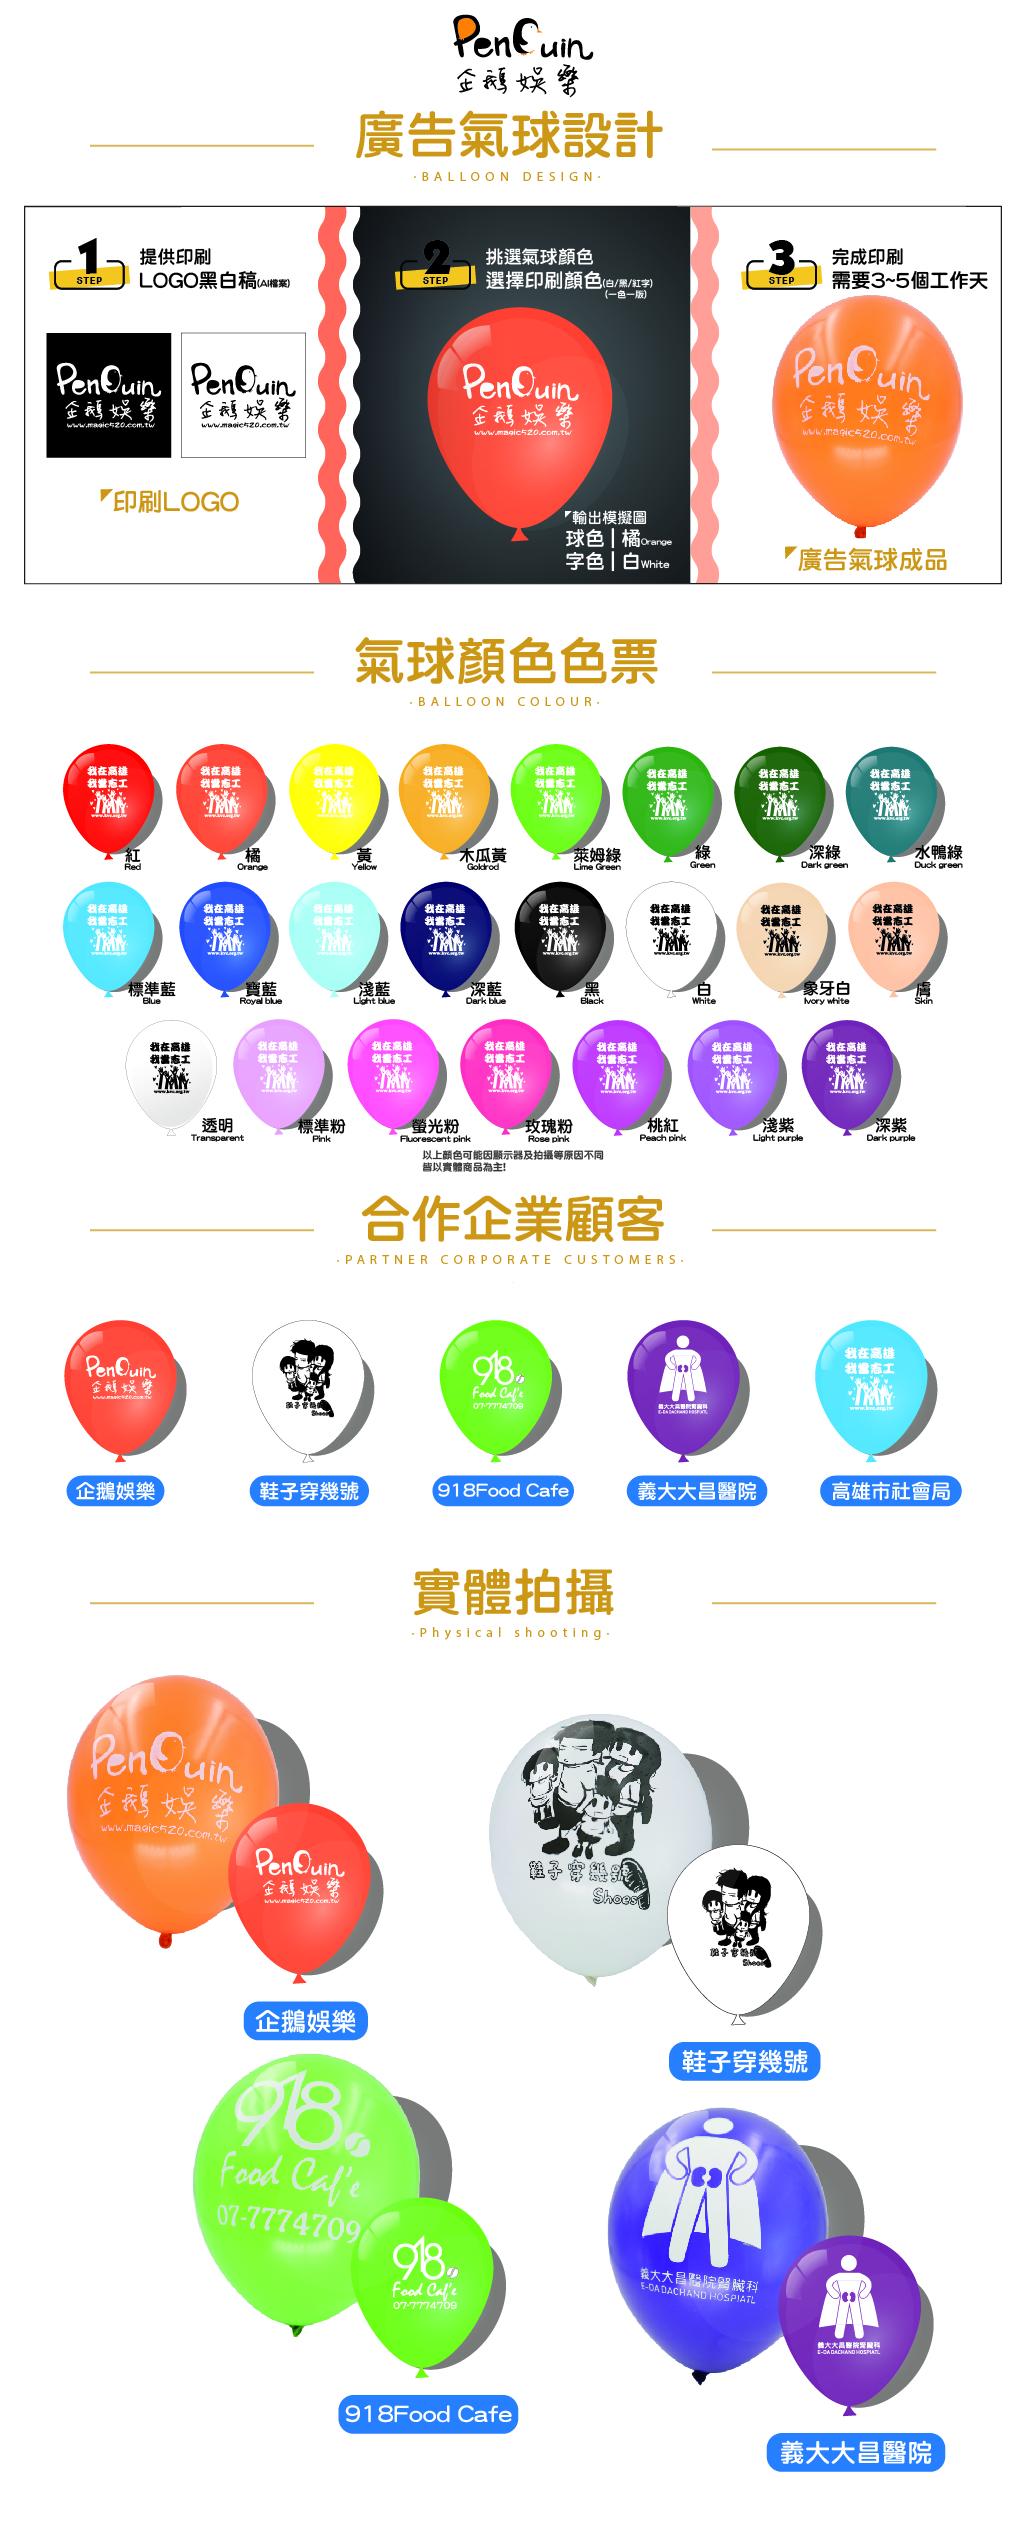 企鵝娛樂-廣告球設計-01